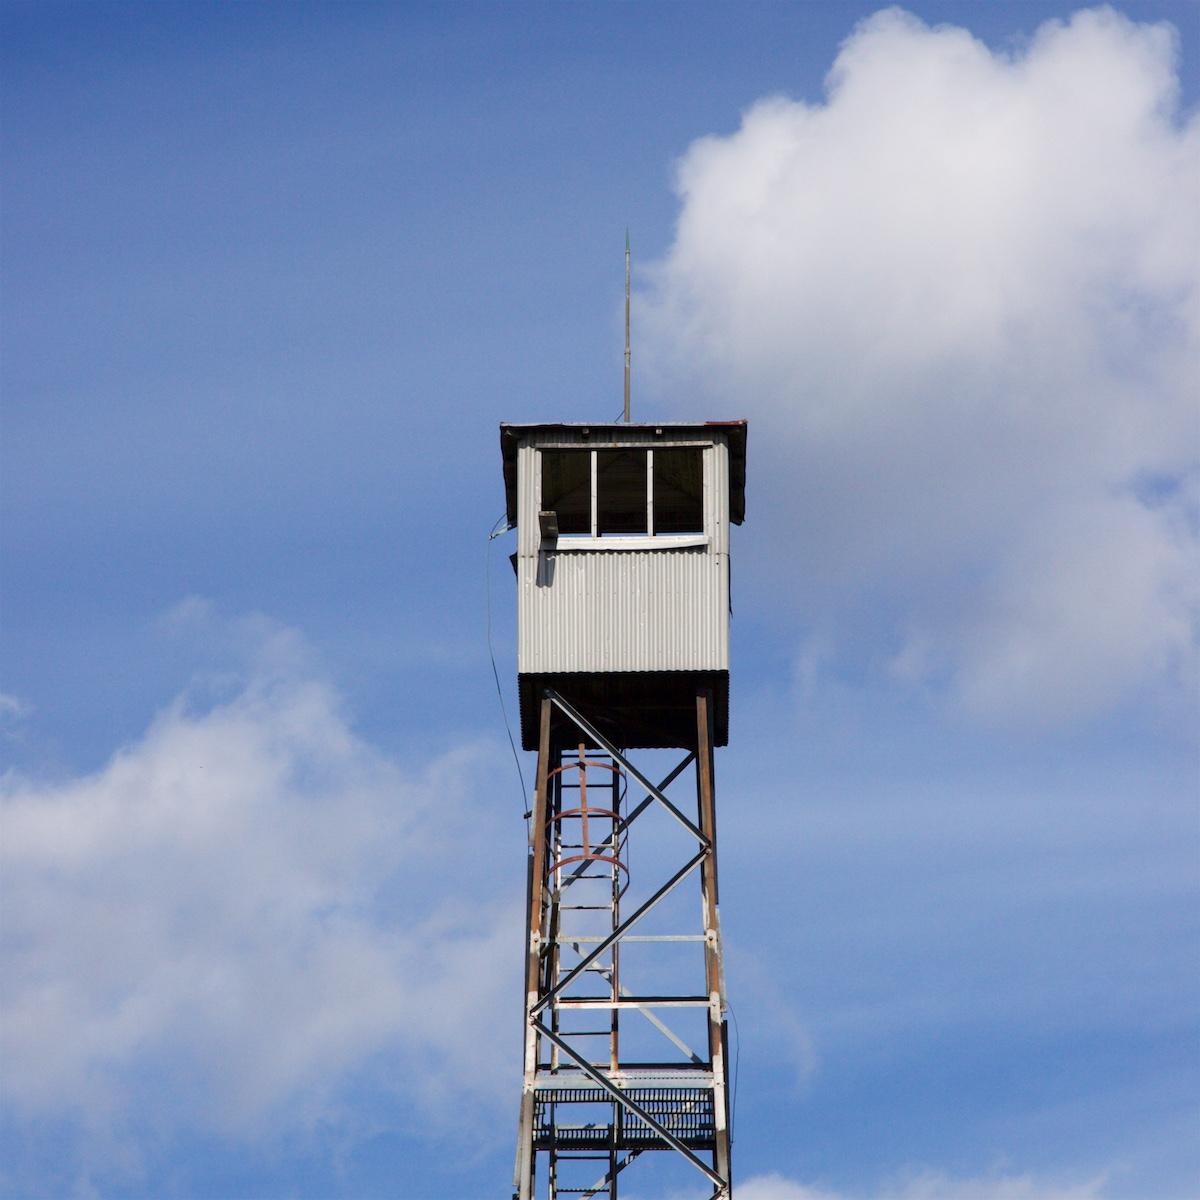 Palovartiotornin huippu taivasta vasten